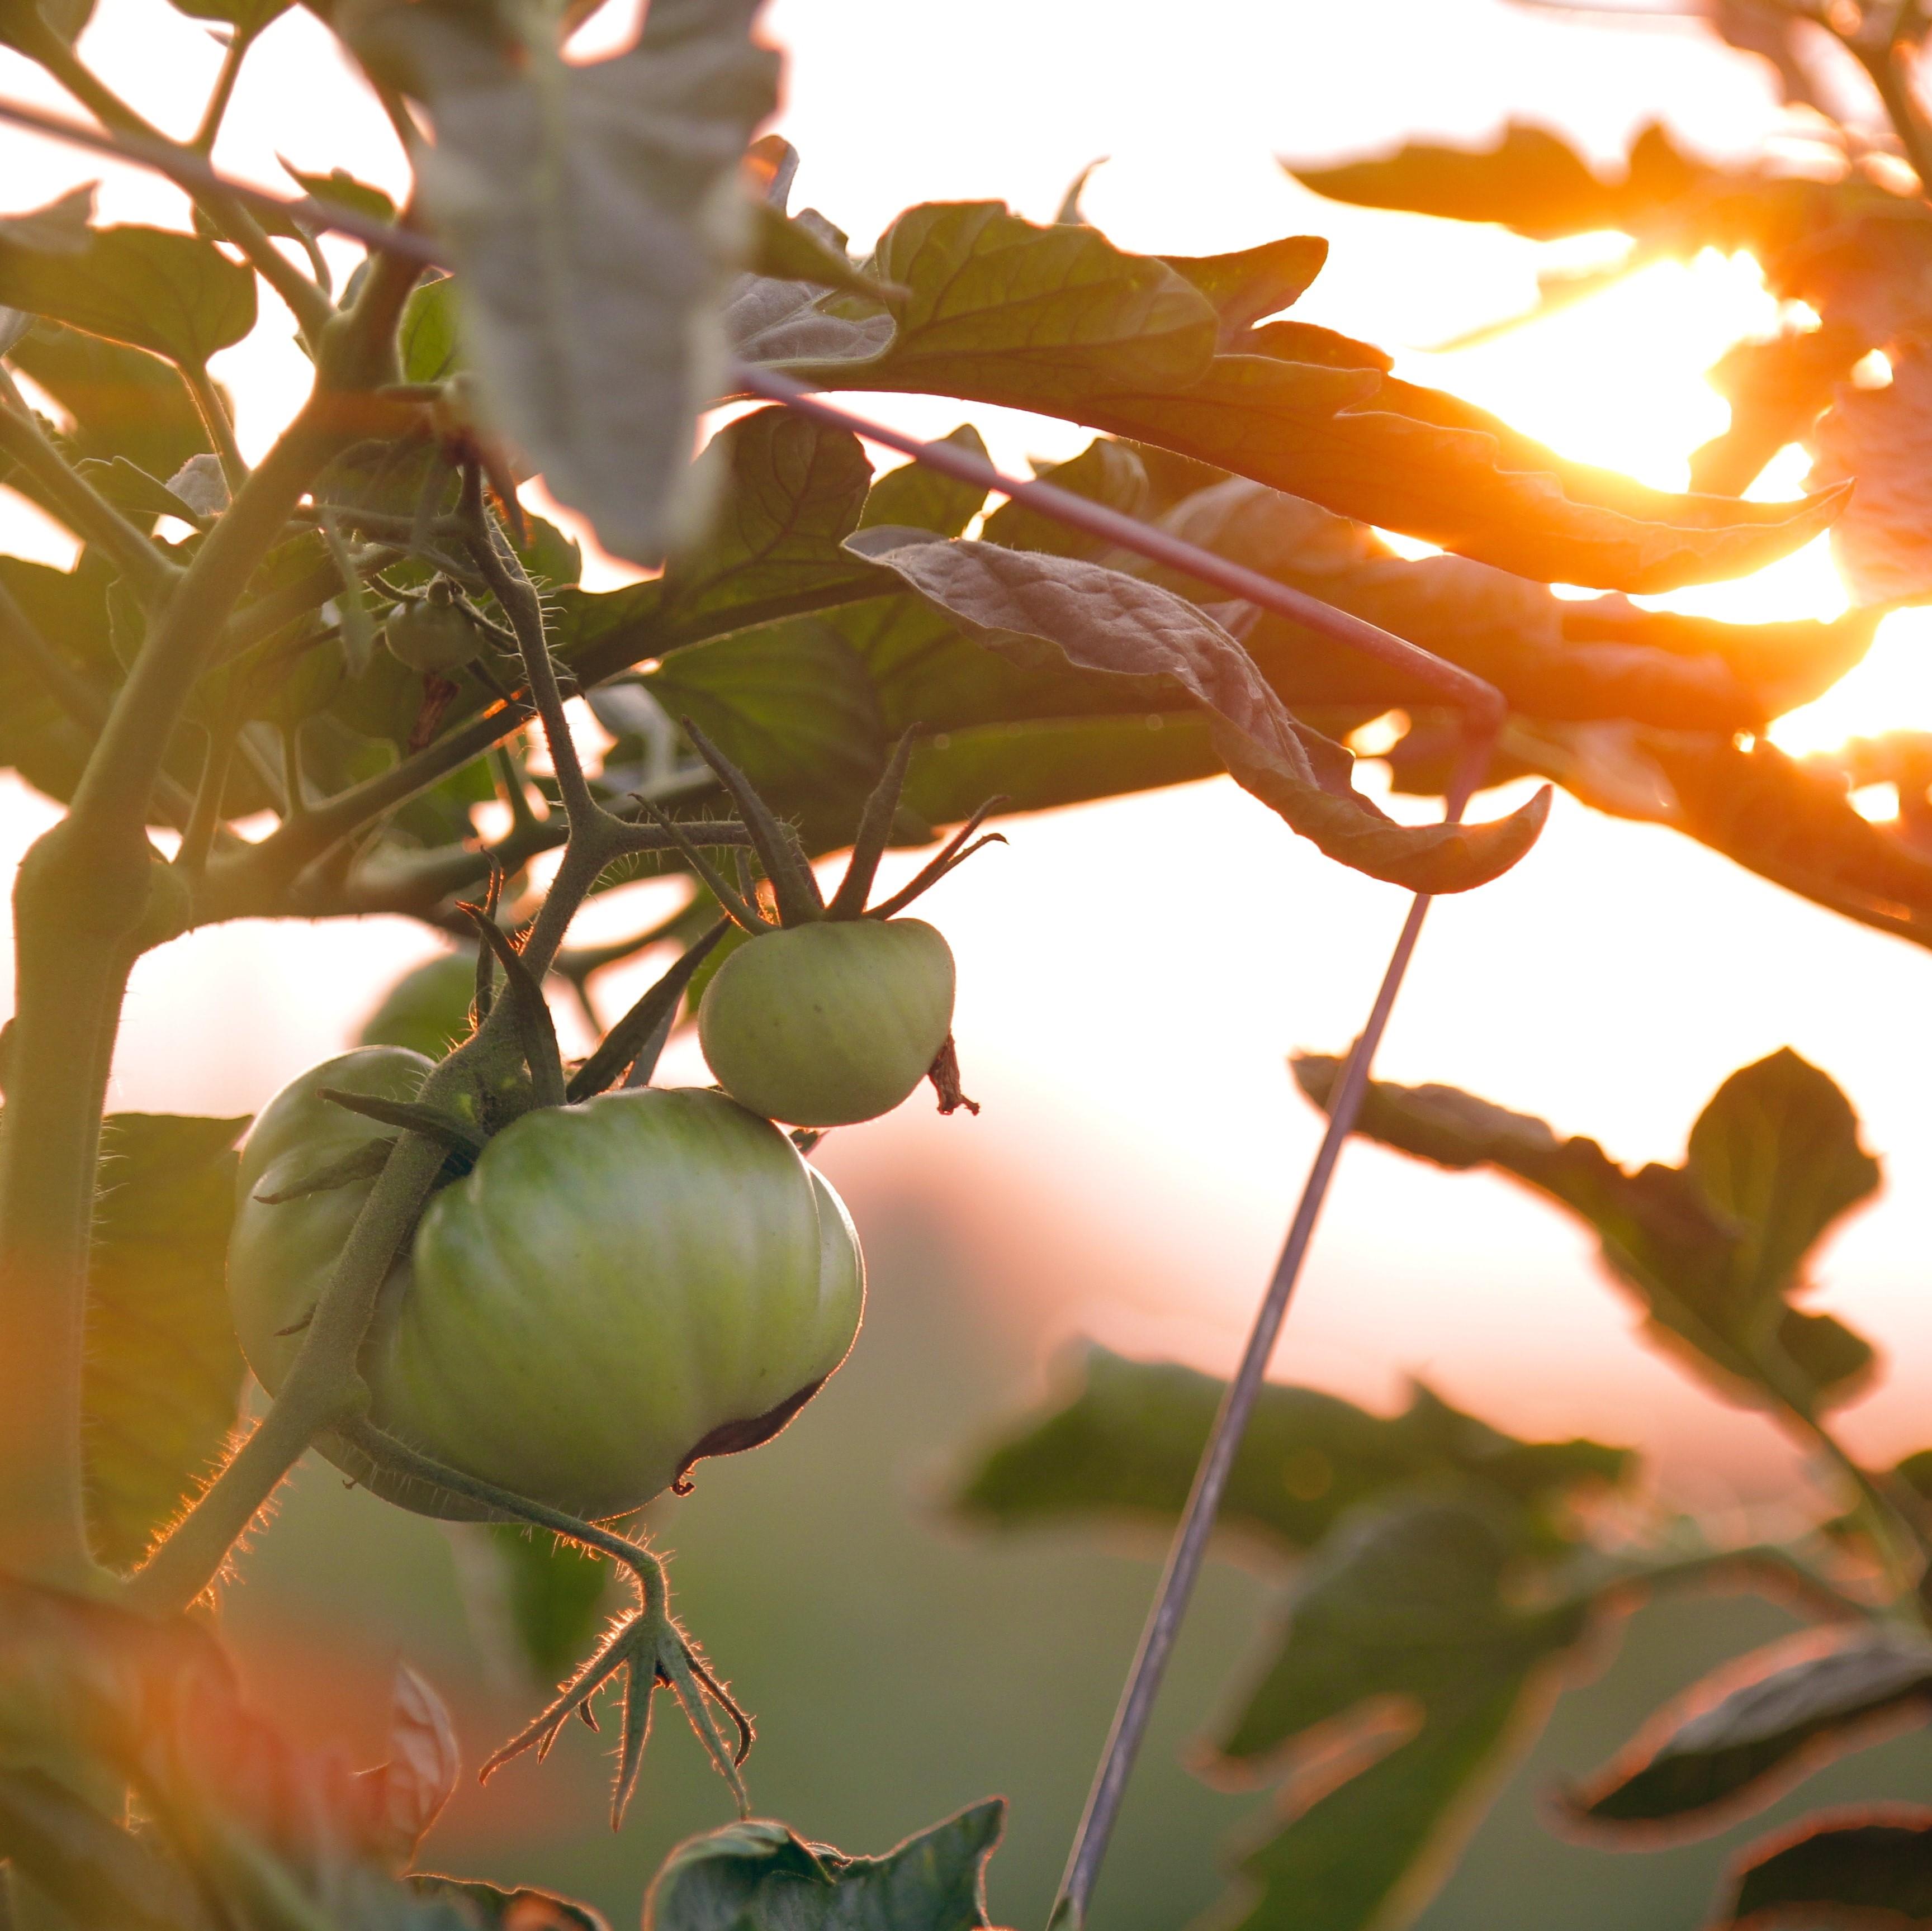 Cultivos hortícolas, recomendaciones para verano | Lignokel